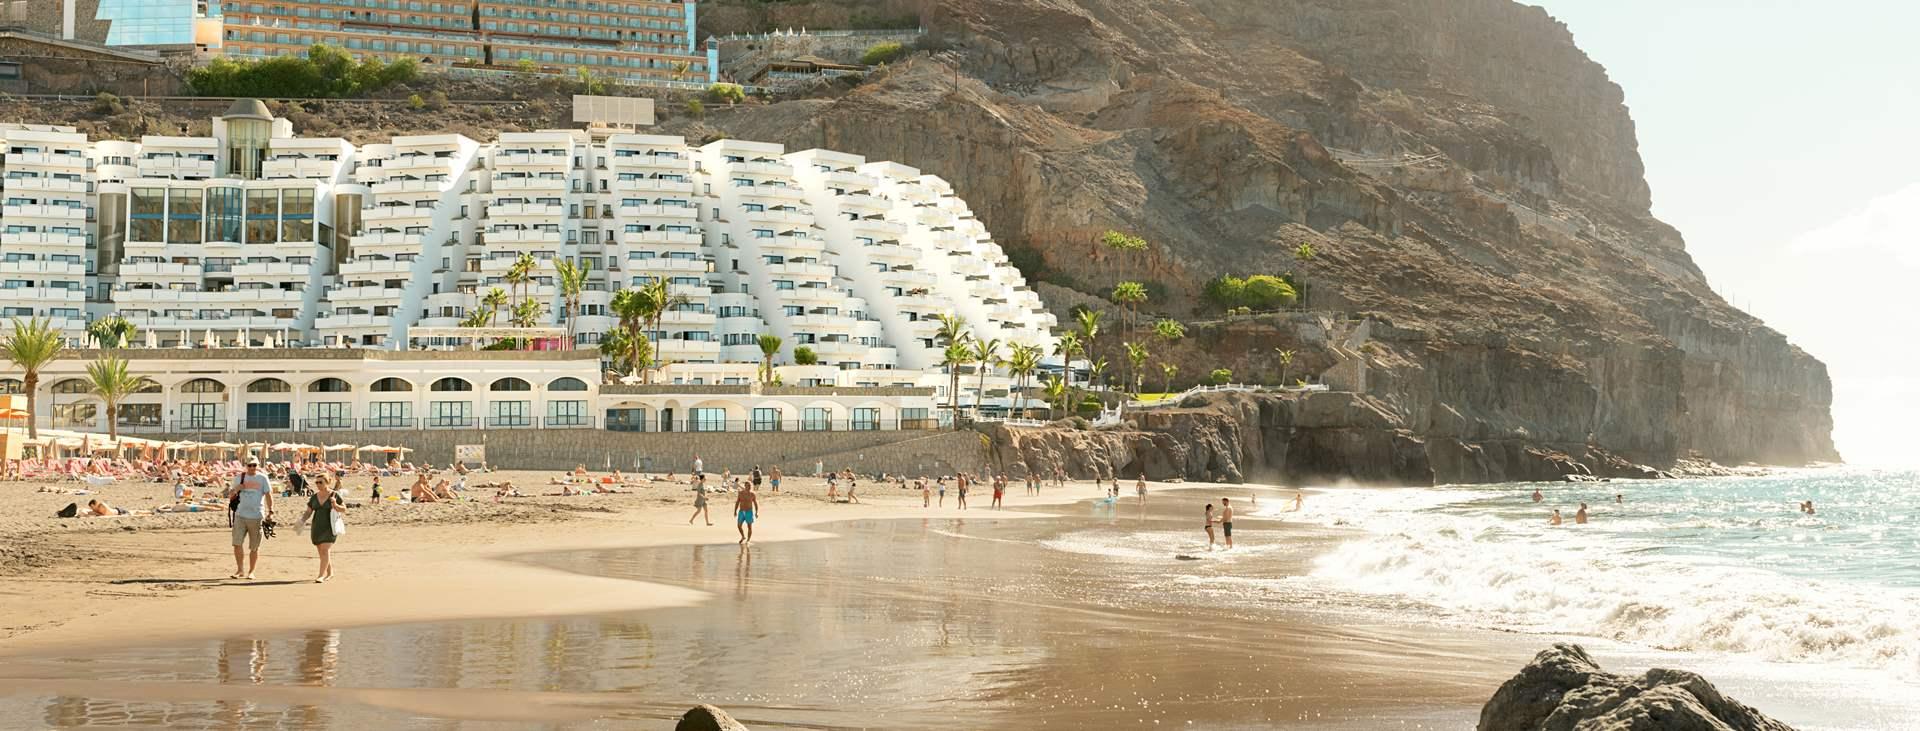 Boka din resa till Playa de Taurito på Gran Canaria med Ving